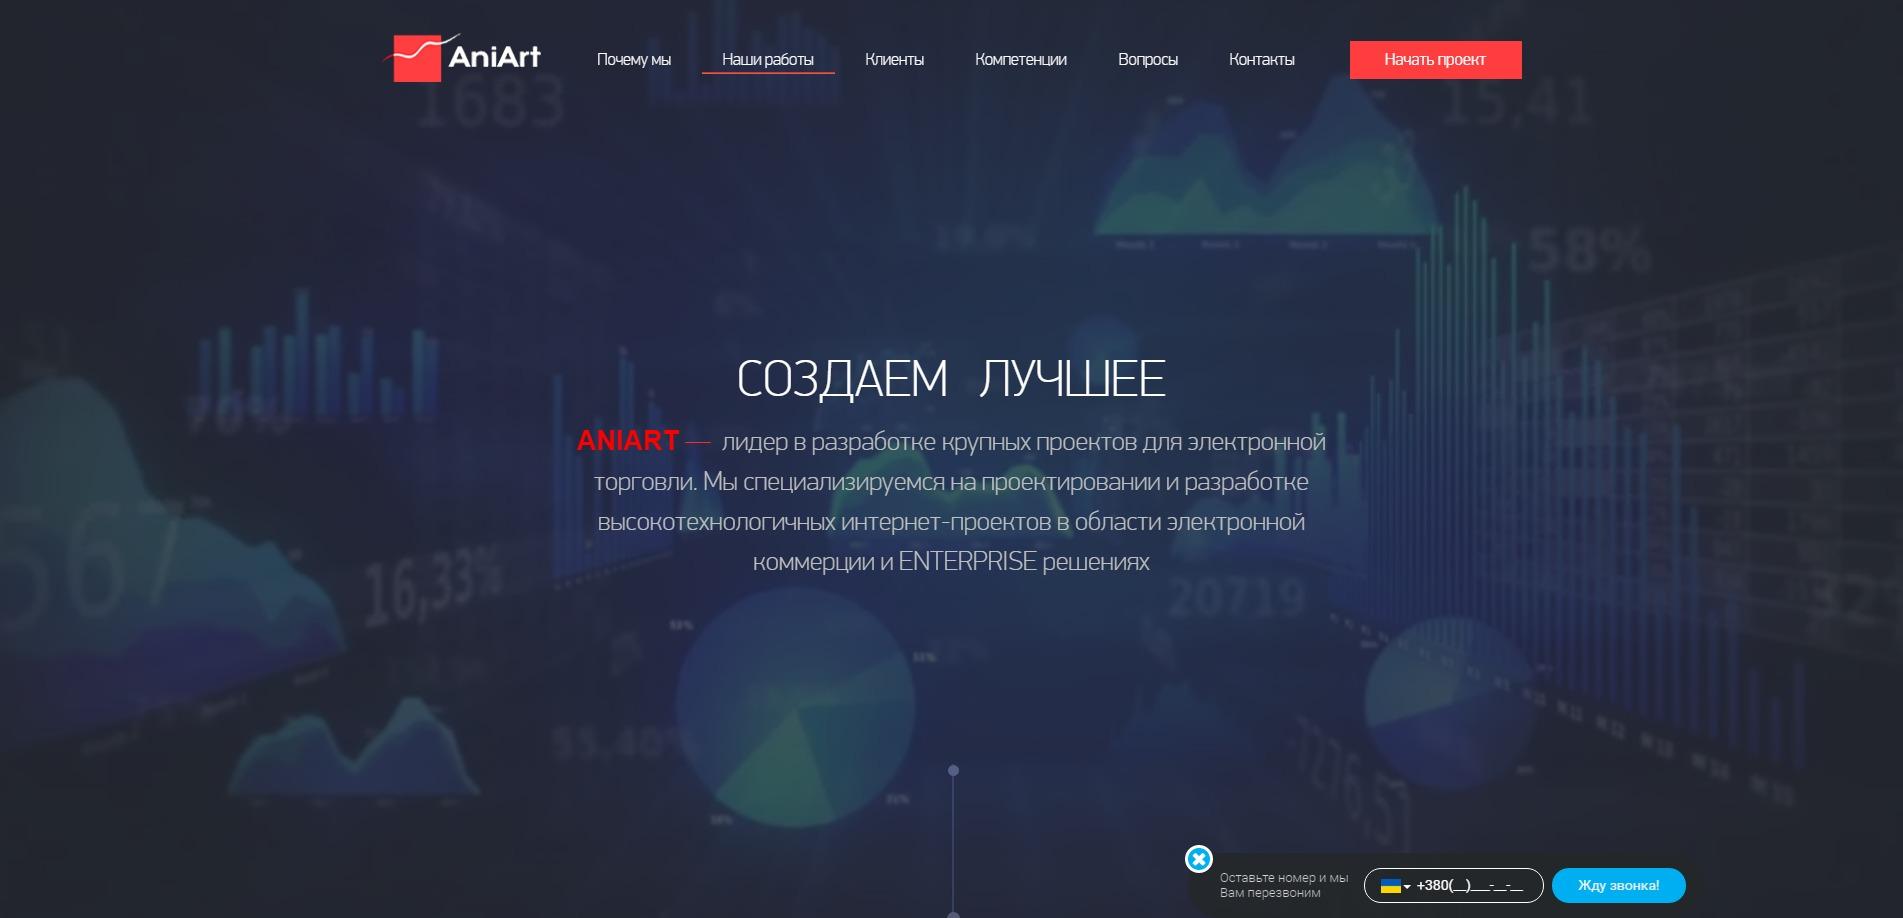 aniart.com.ua